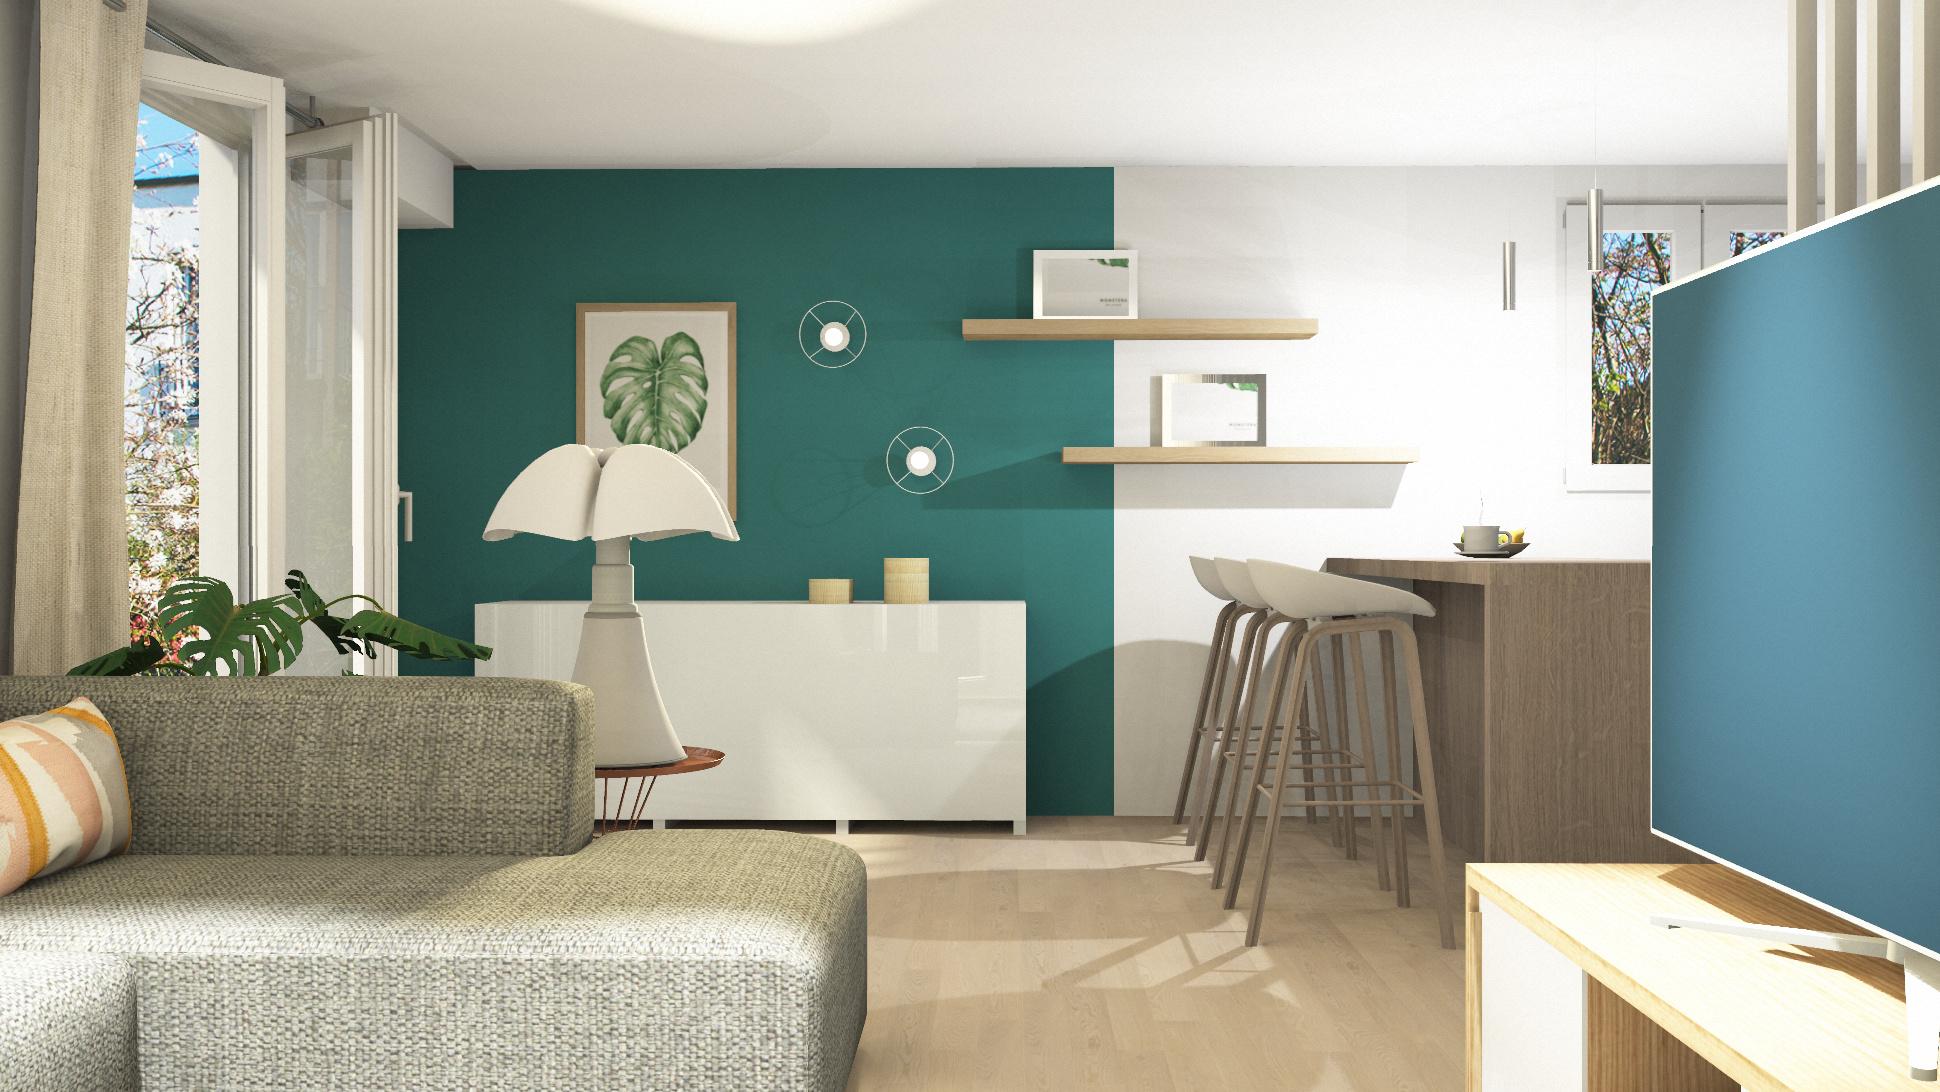 3D, Architecte d'intérieur, Décoratrice, Ameublement, Décoration, Coaching